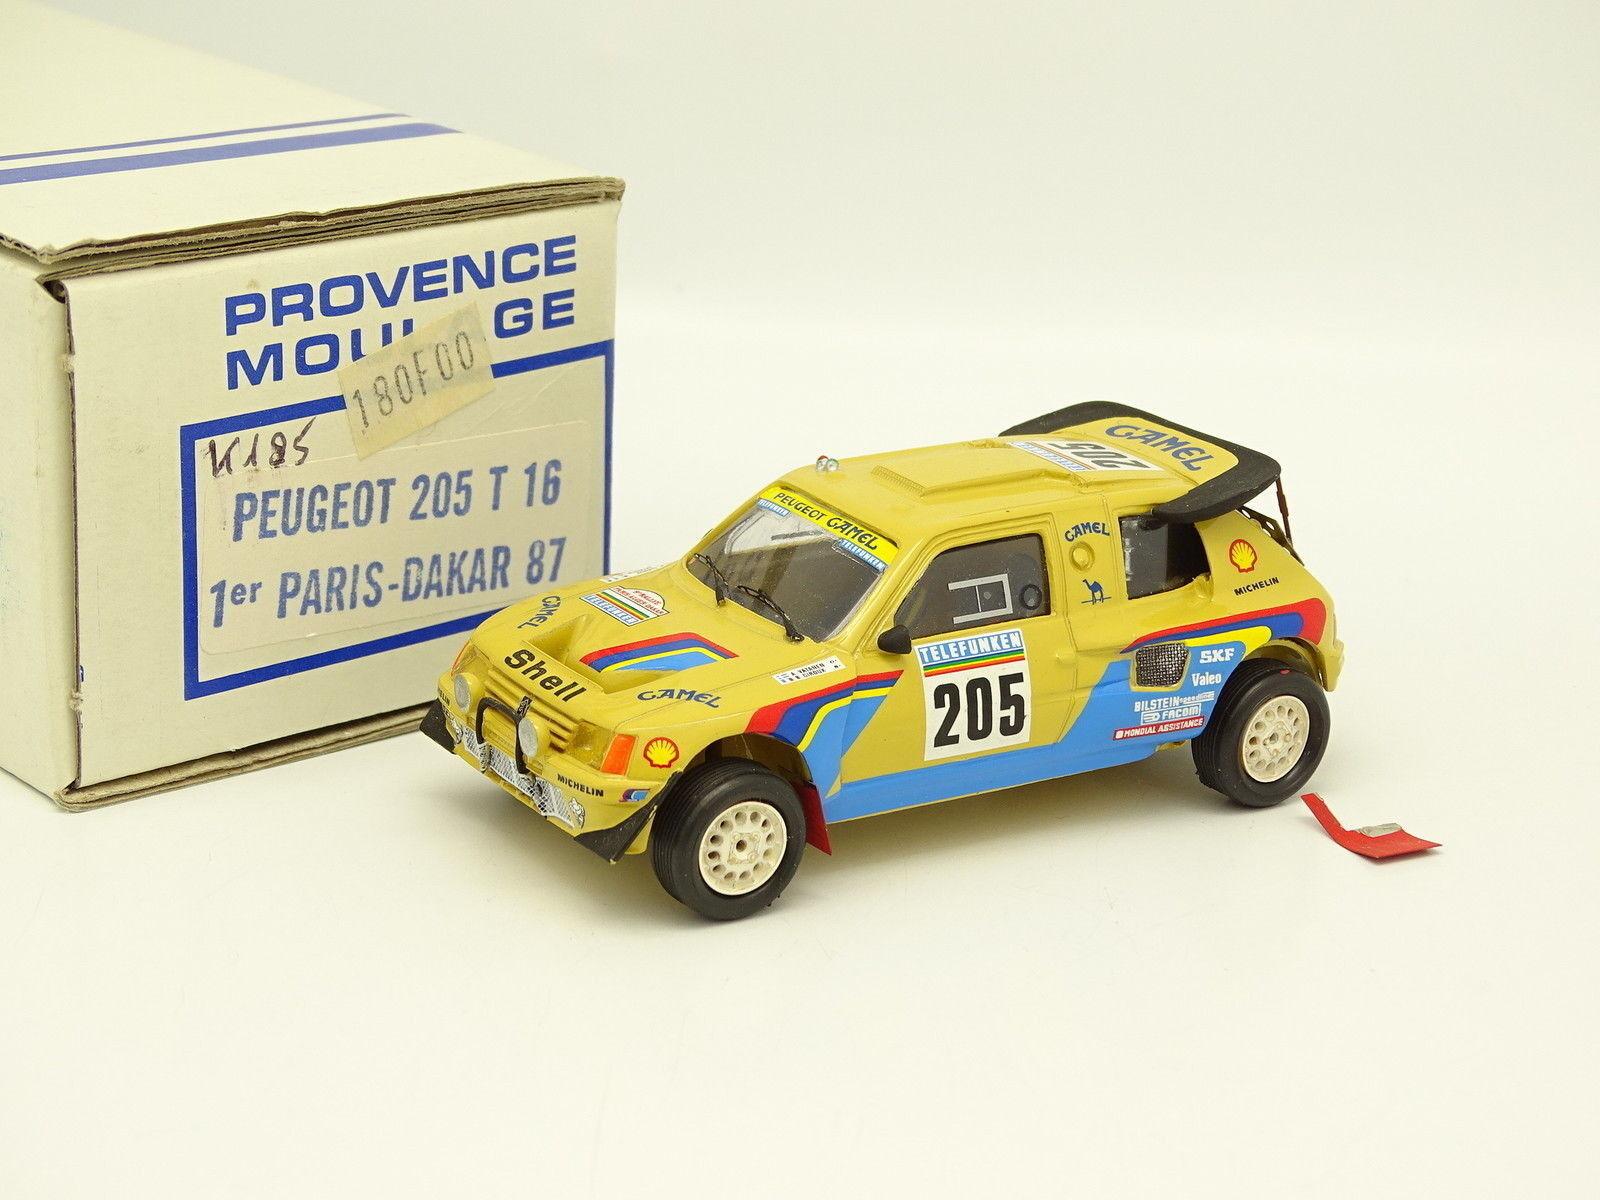 Provence moulage - mont é 1   43 - peugeot 205 t16 paris - dakar - sieger vatanen.